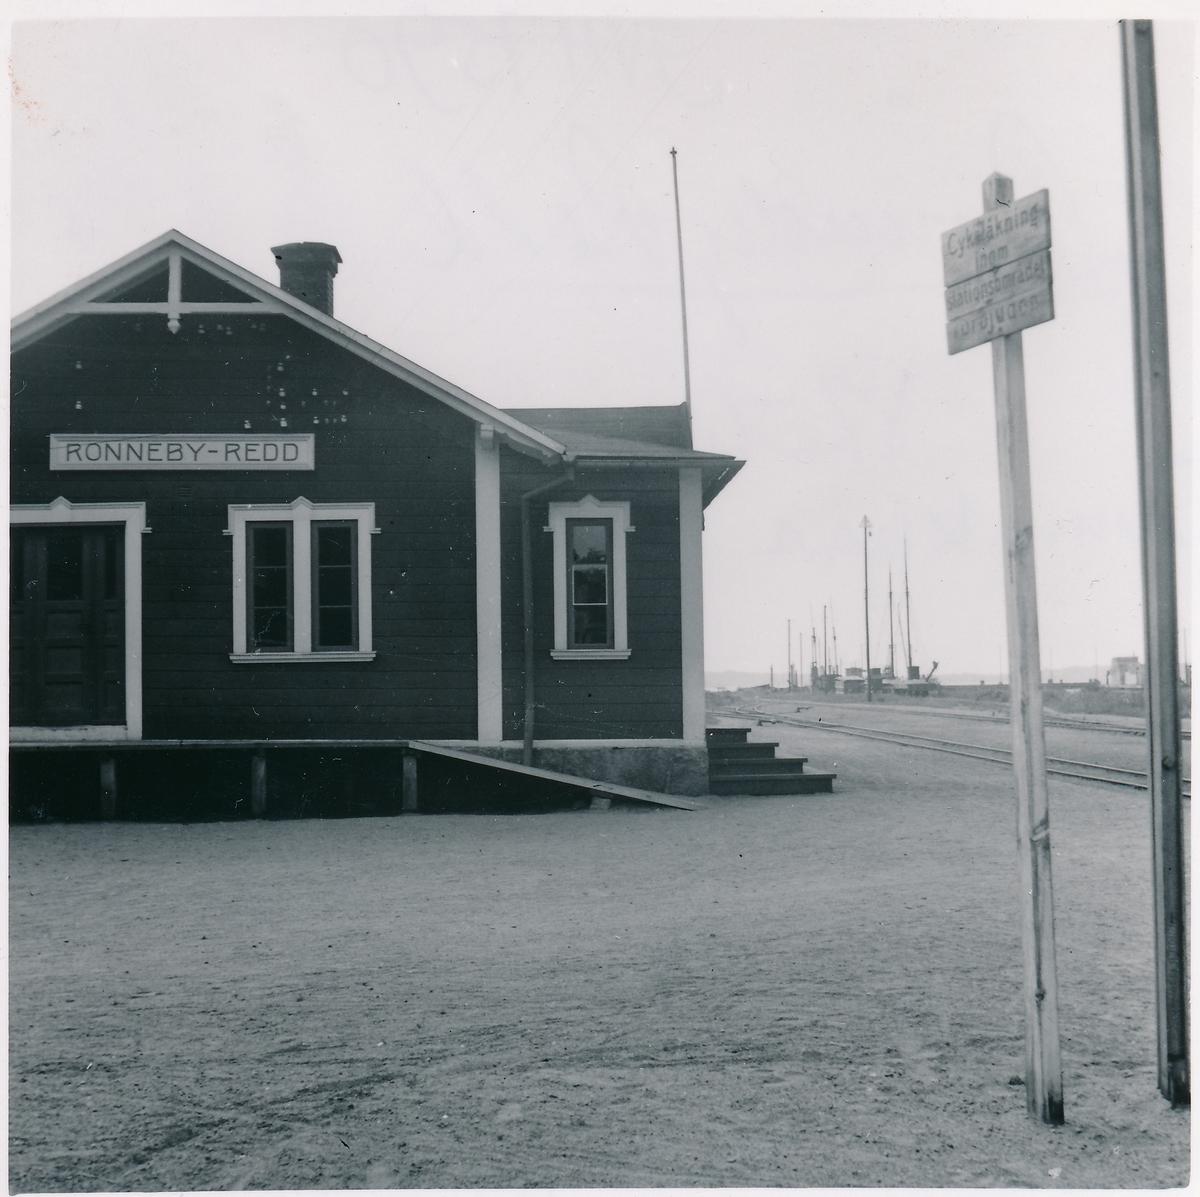 Mellersta Blekinge Järnväg, MBIJ. Ronneby-Redd stationshus den 10/7 1943.